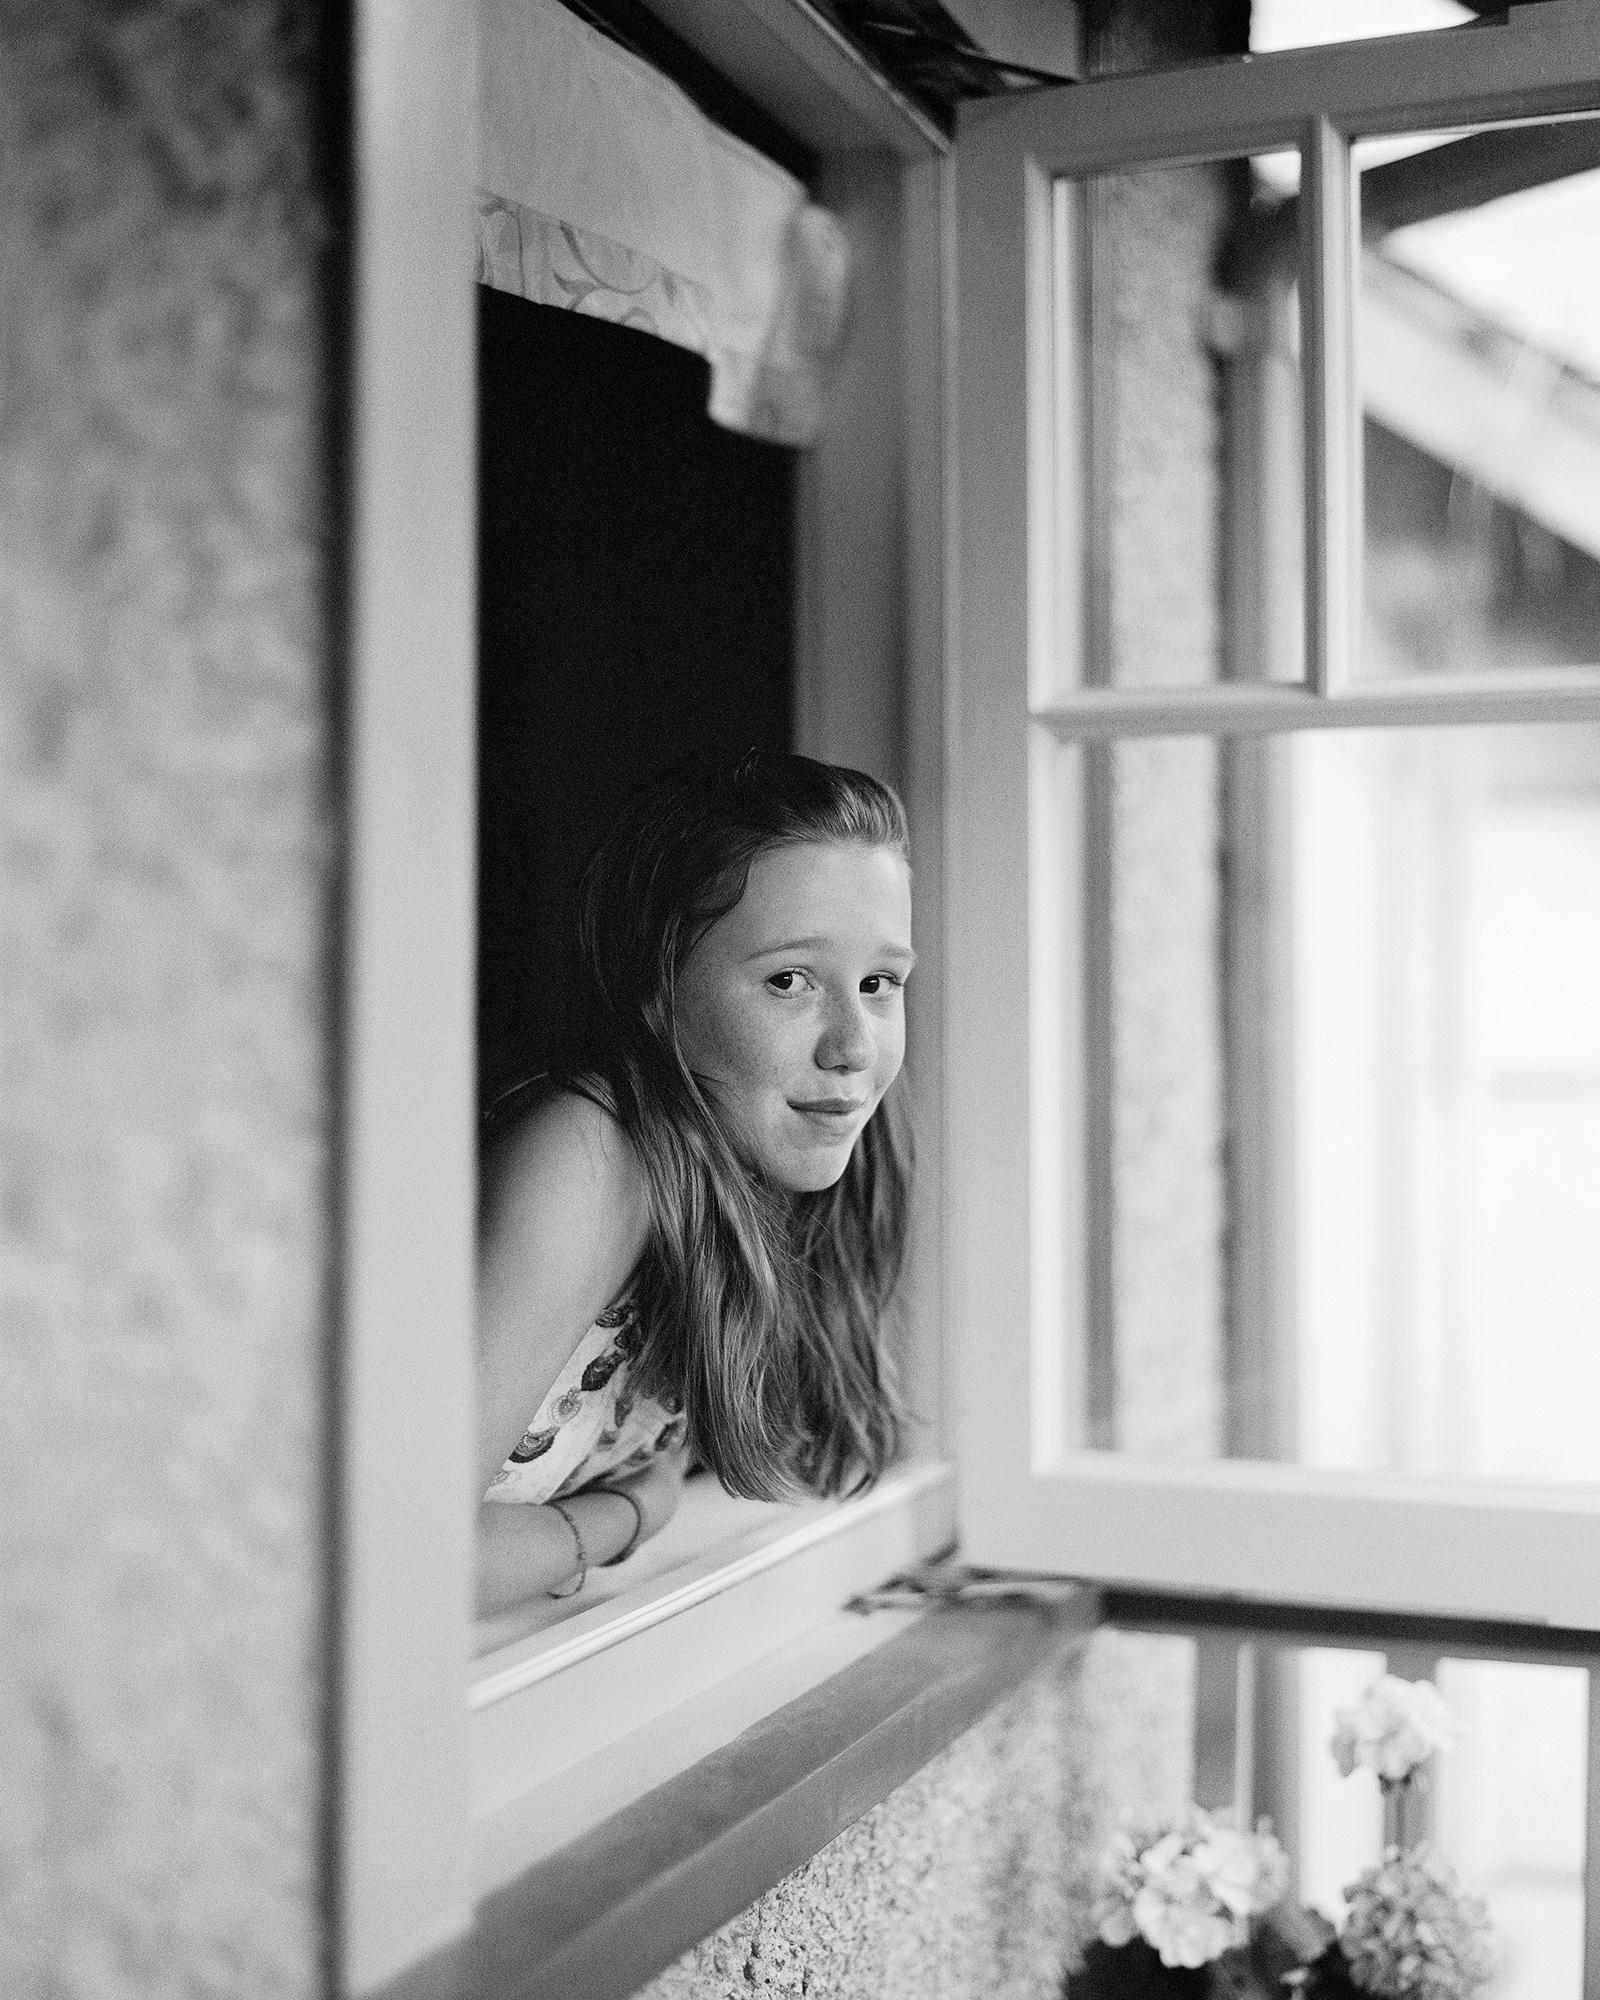 Margot_at_Kitchen_Window.jpg